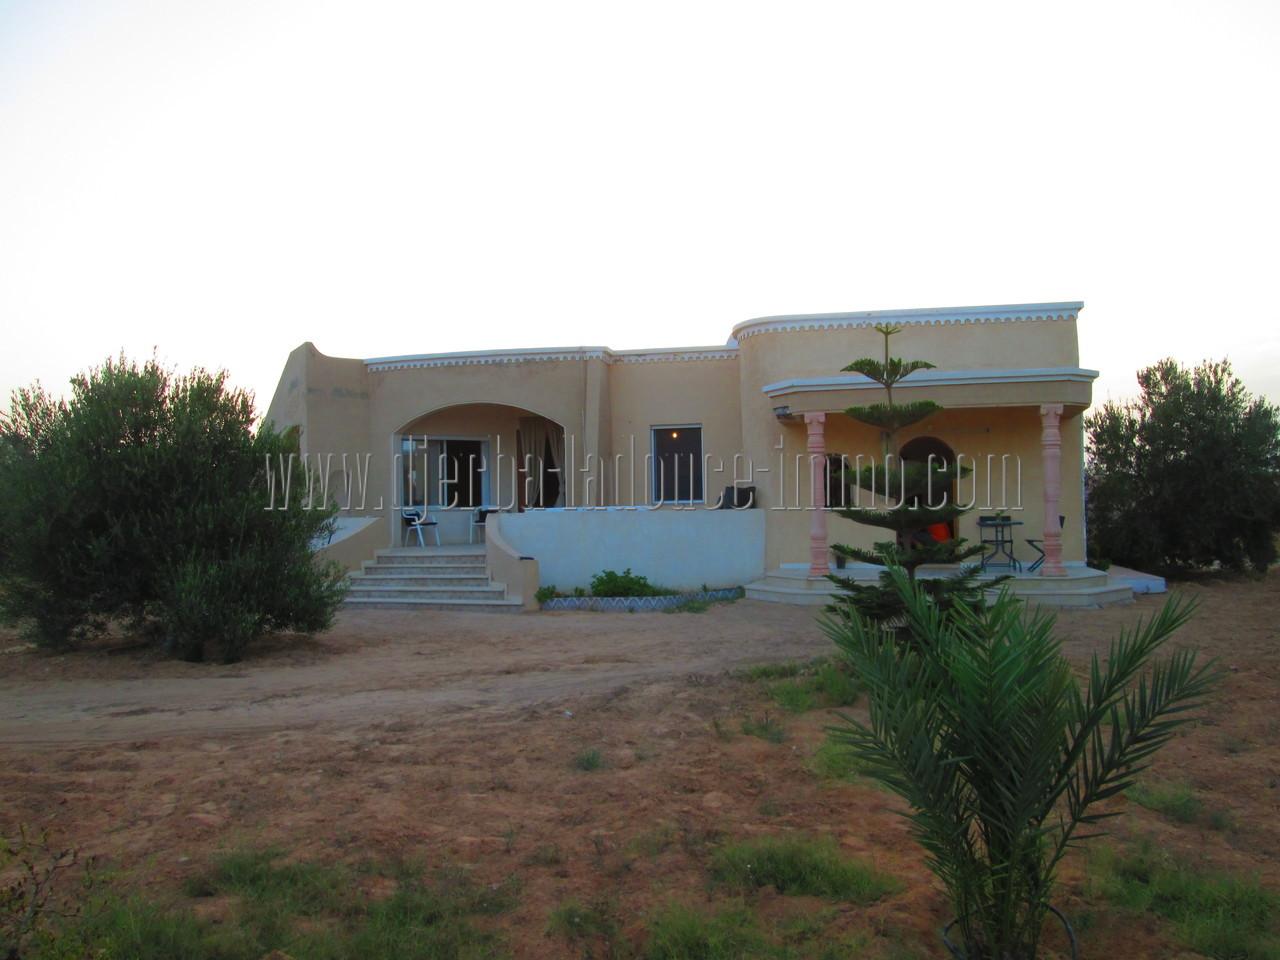 Spacieuse maison avec studio à louer meublée à l'année à Guéchiine Djerba Houmt Souk